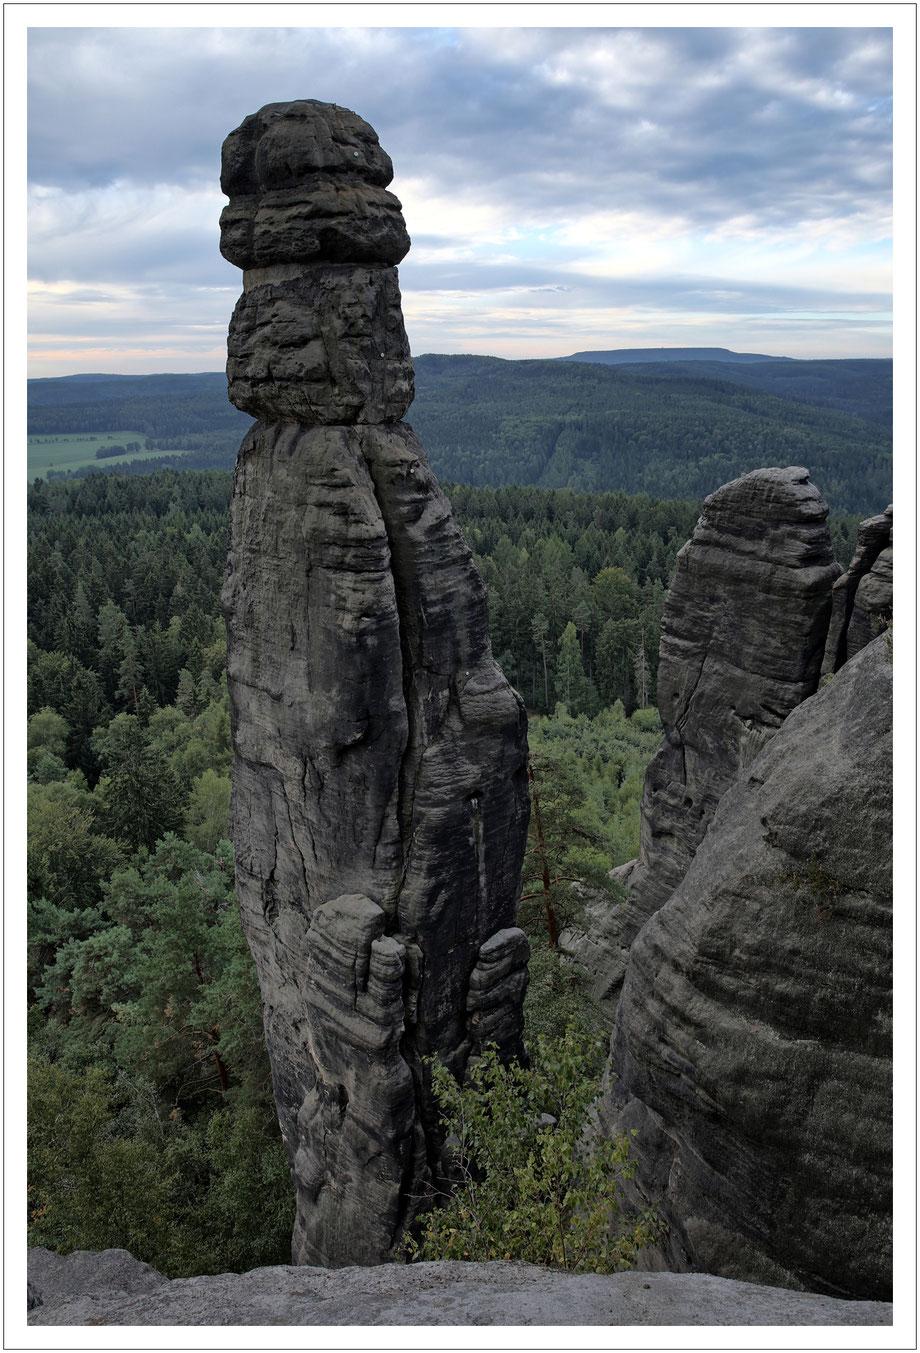 Eine Felsnadel mit 42,7 Meter Höhe - die muss man auch mal hochkant einstellen